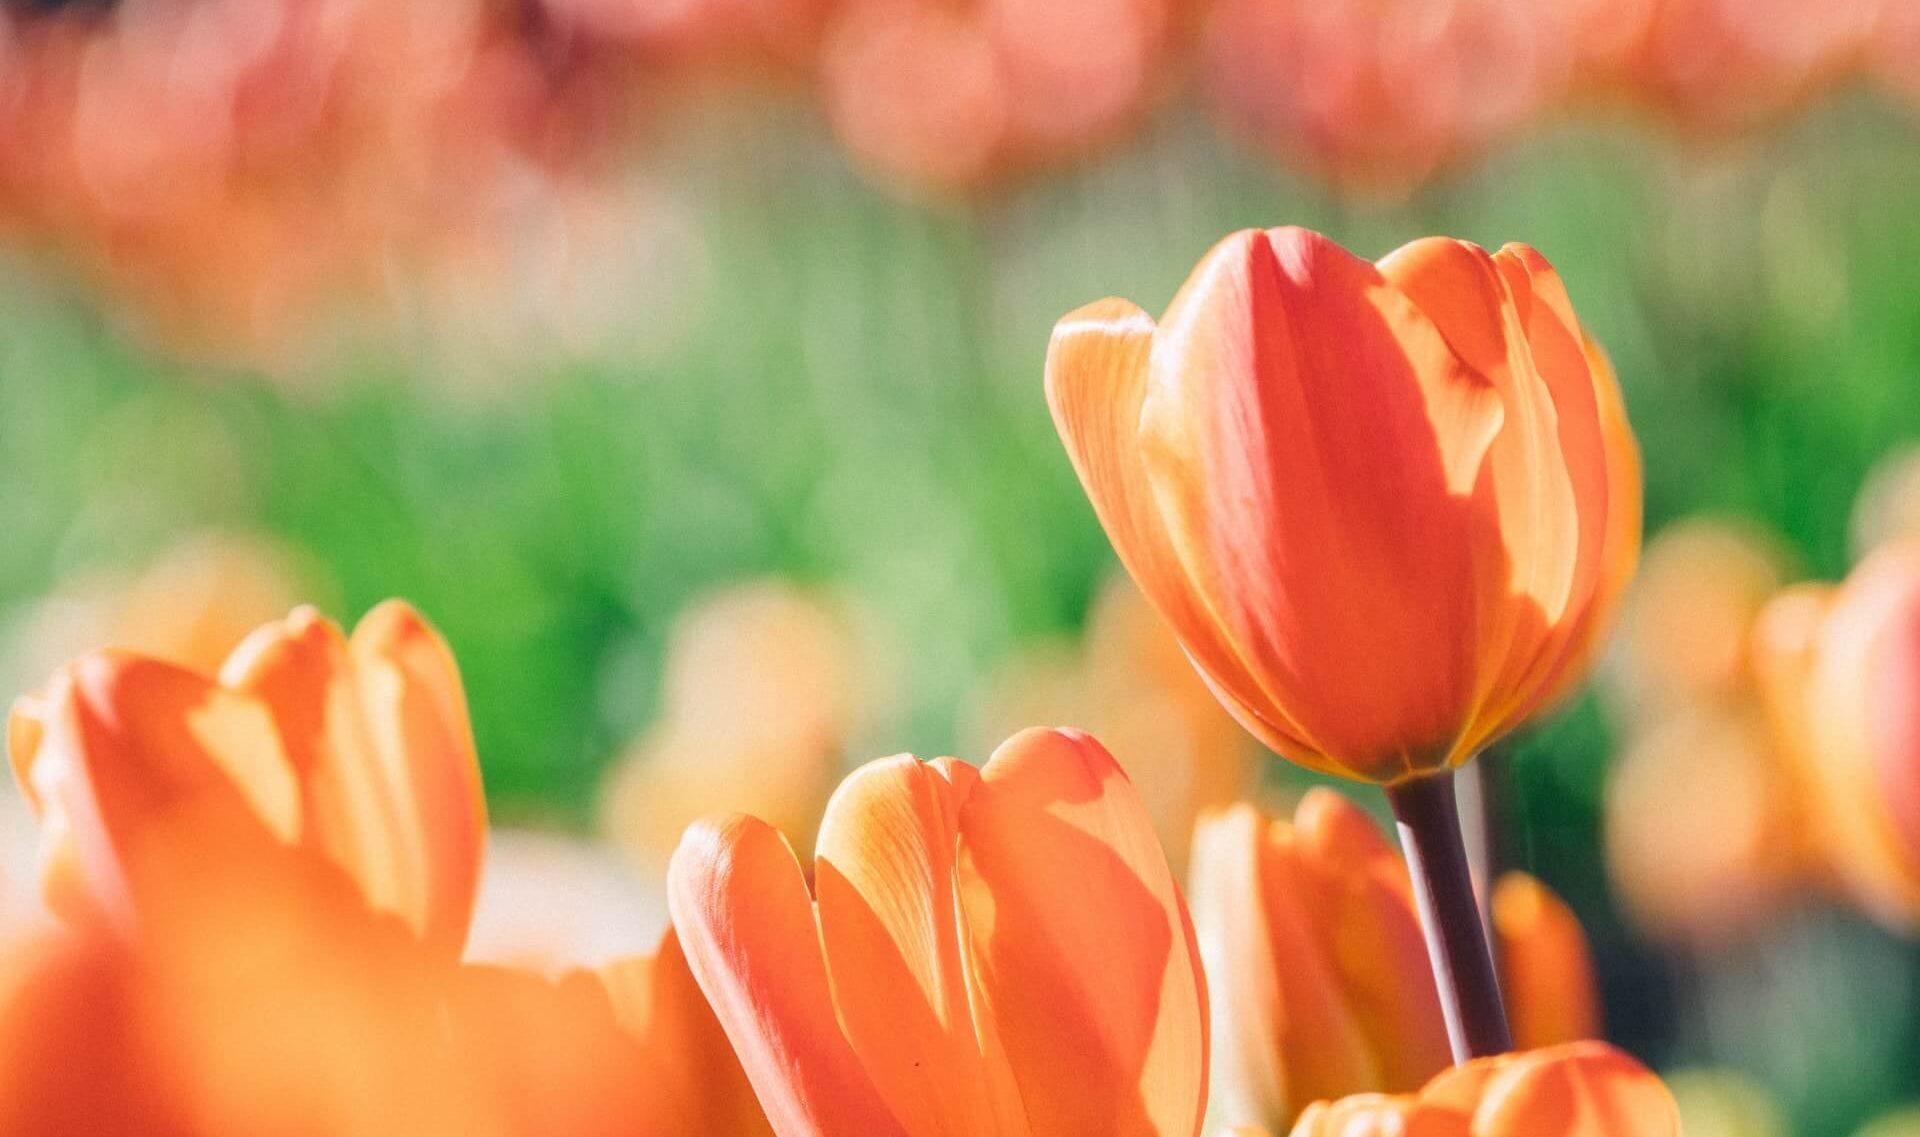 オレンジのチューリップの花の写真